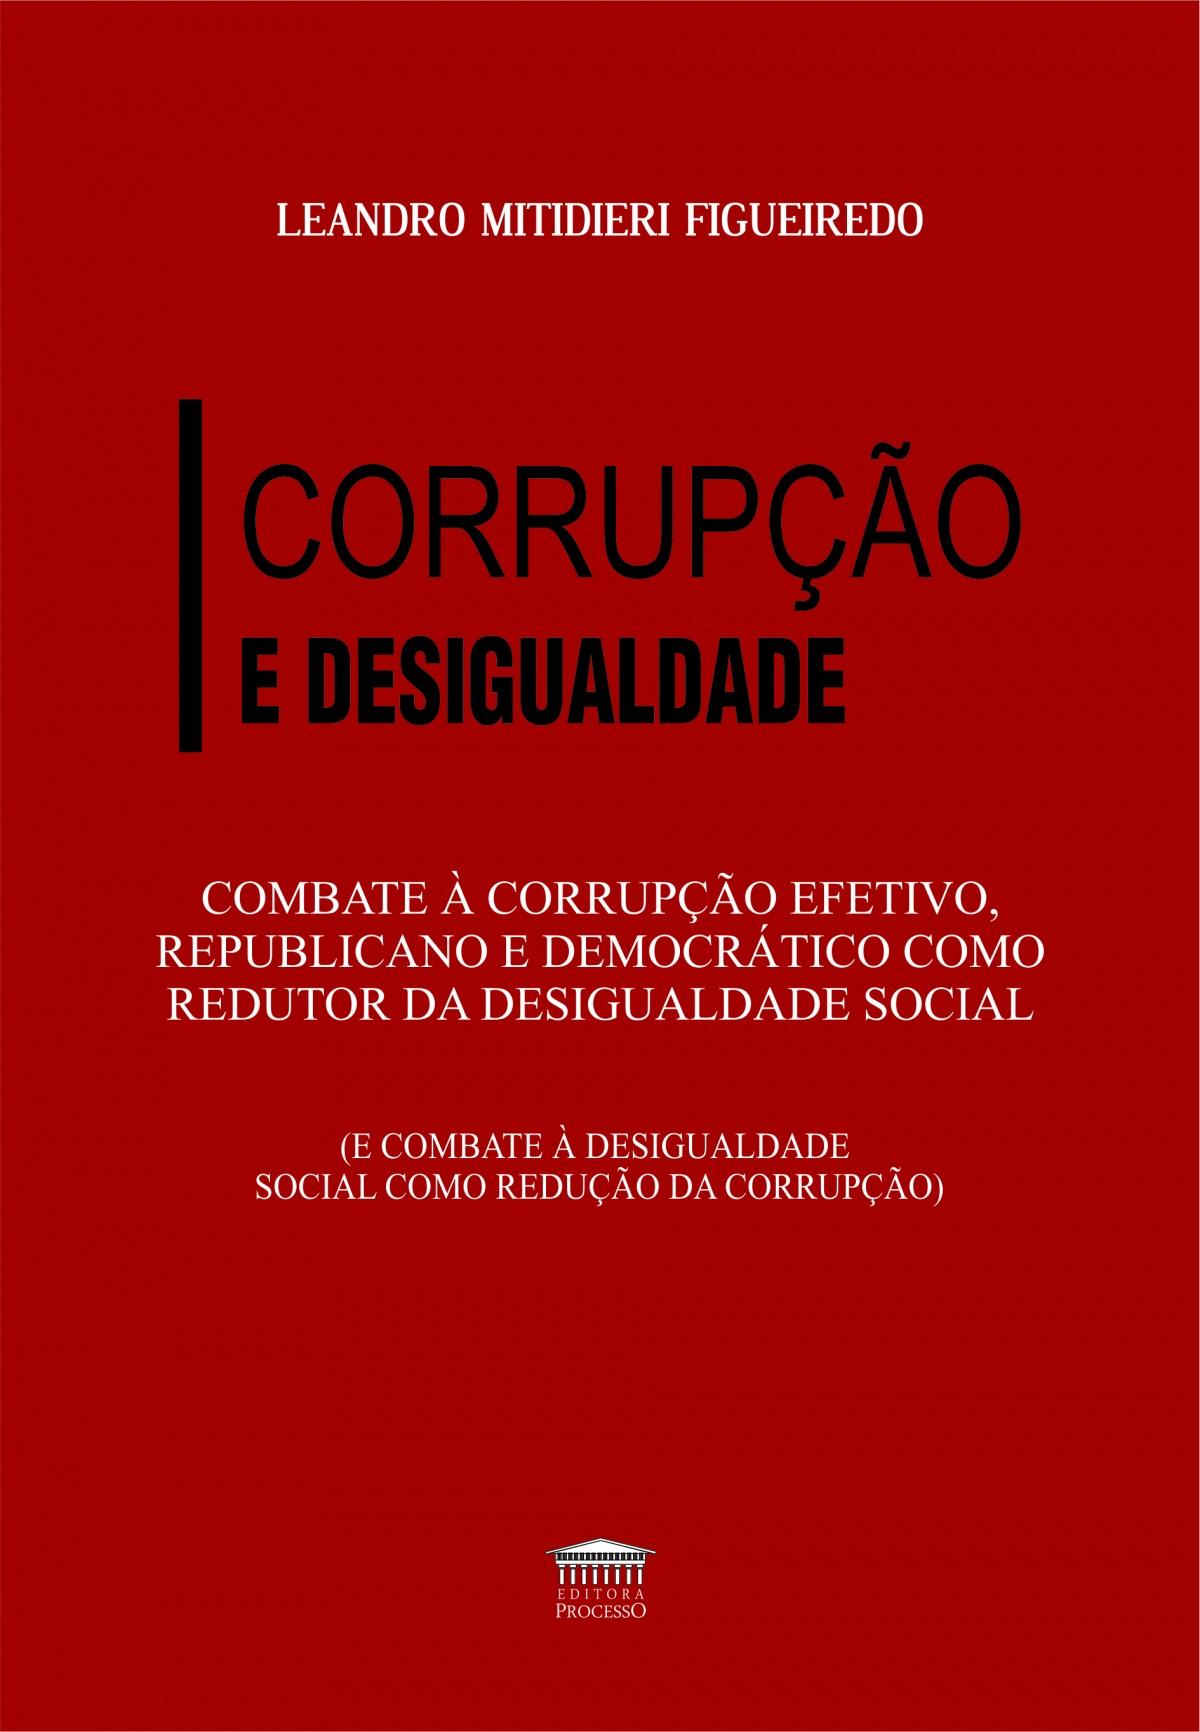 Foto 1 - Corrupção e Desigualdade